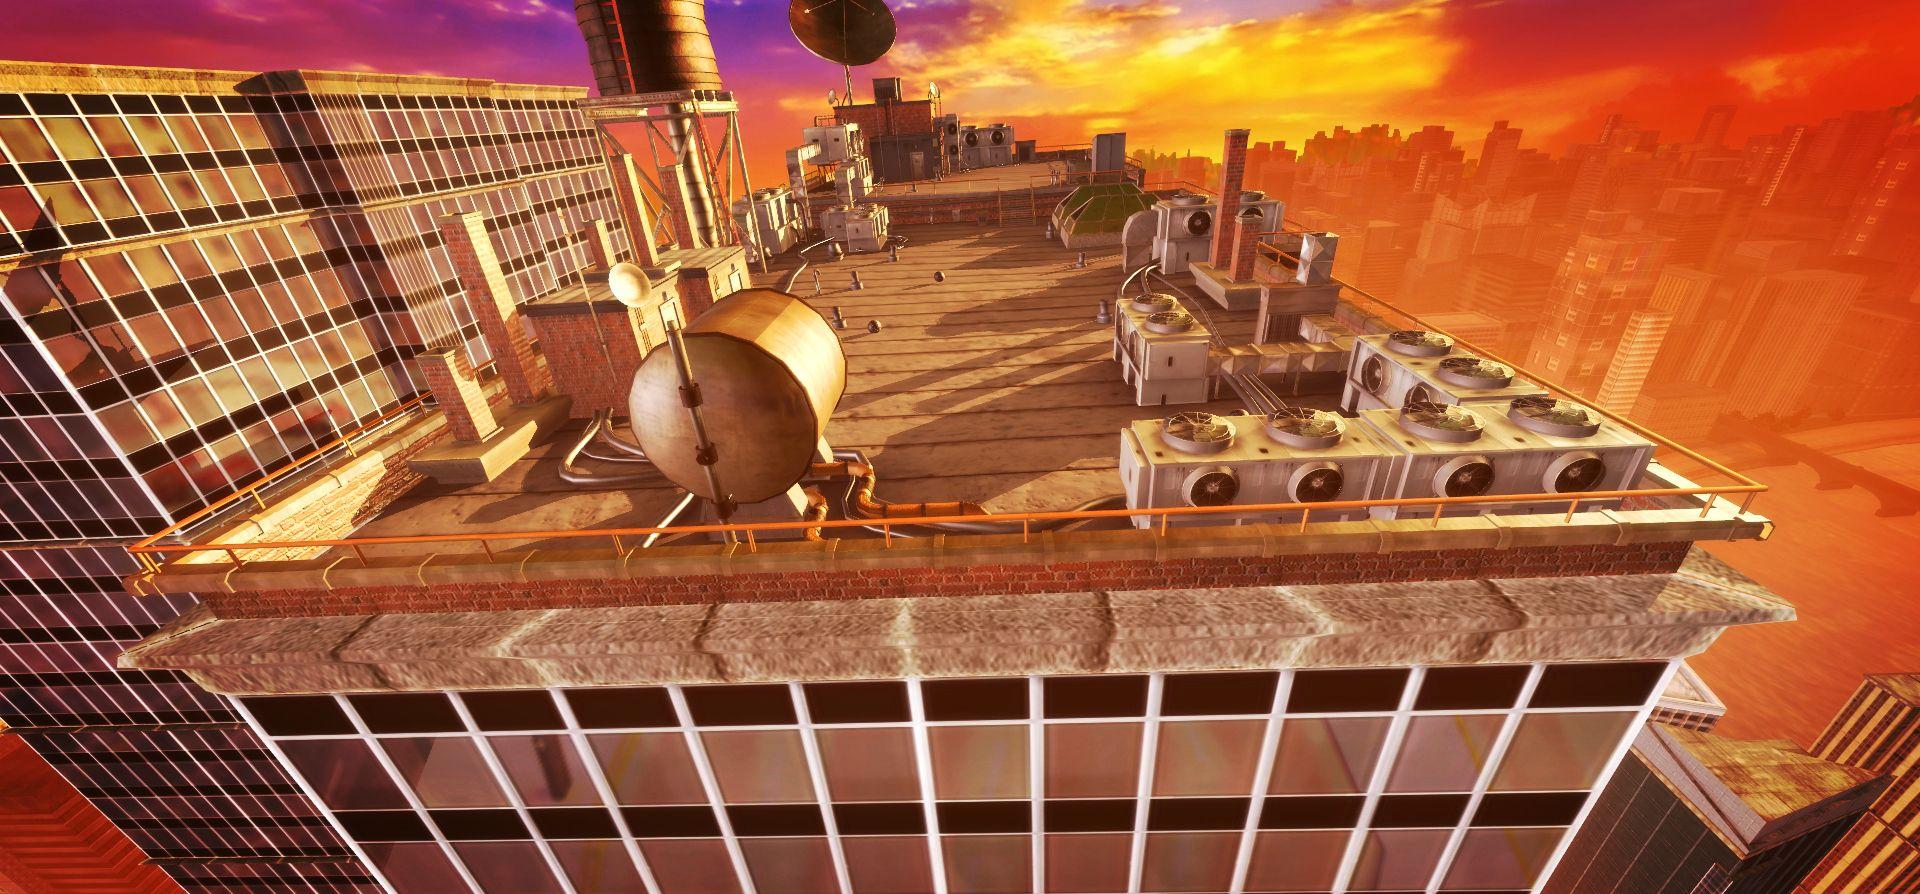 RobotRiot_Screenshot_04